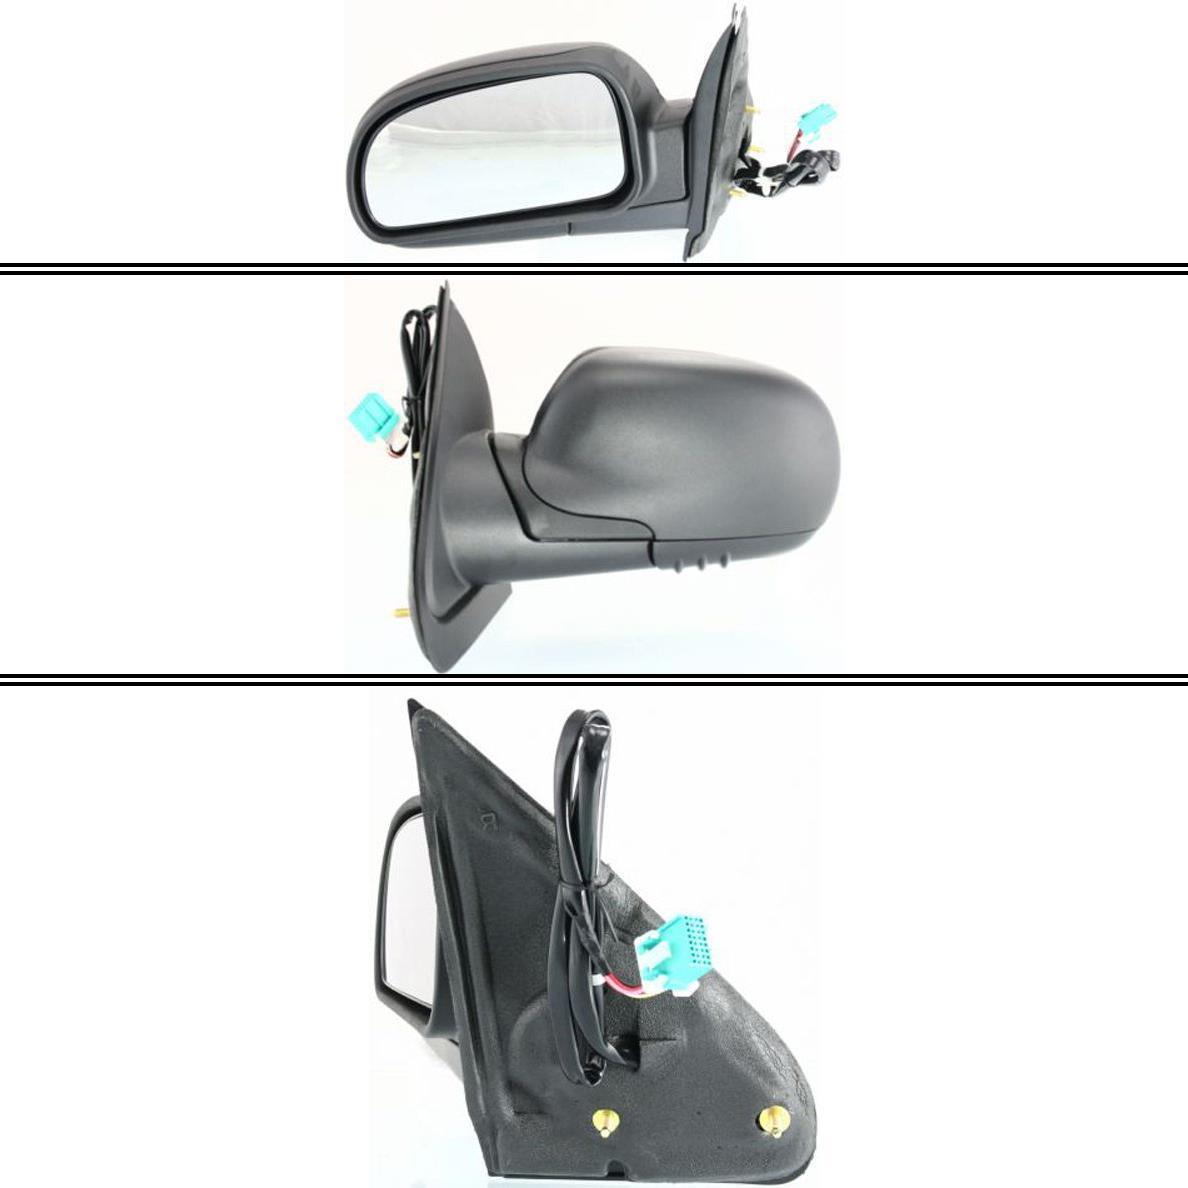 ミラー New GM1320322 Driver Side Mirror for Chevrolet Trailblazer 2002-2009 Chevrolet Trailblazer 2002-2009用の新しいGM1320322ドライバサイドミラー